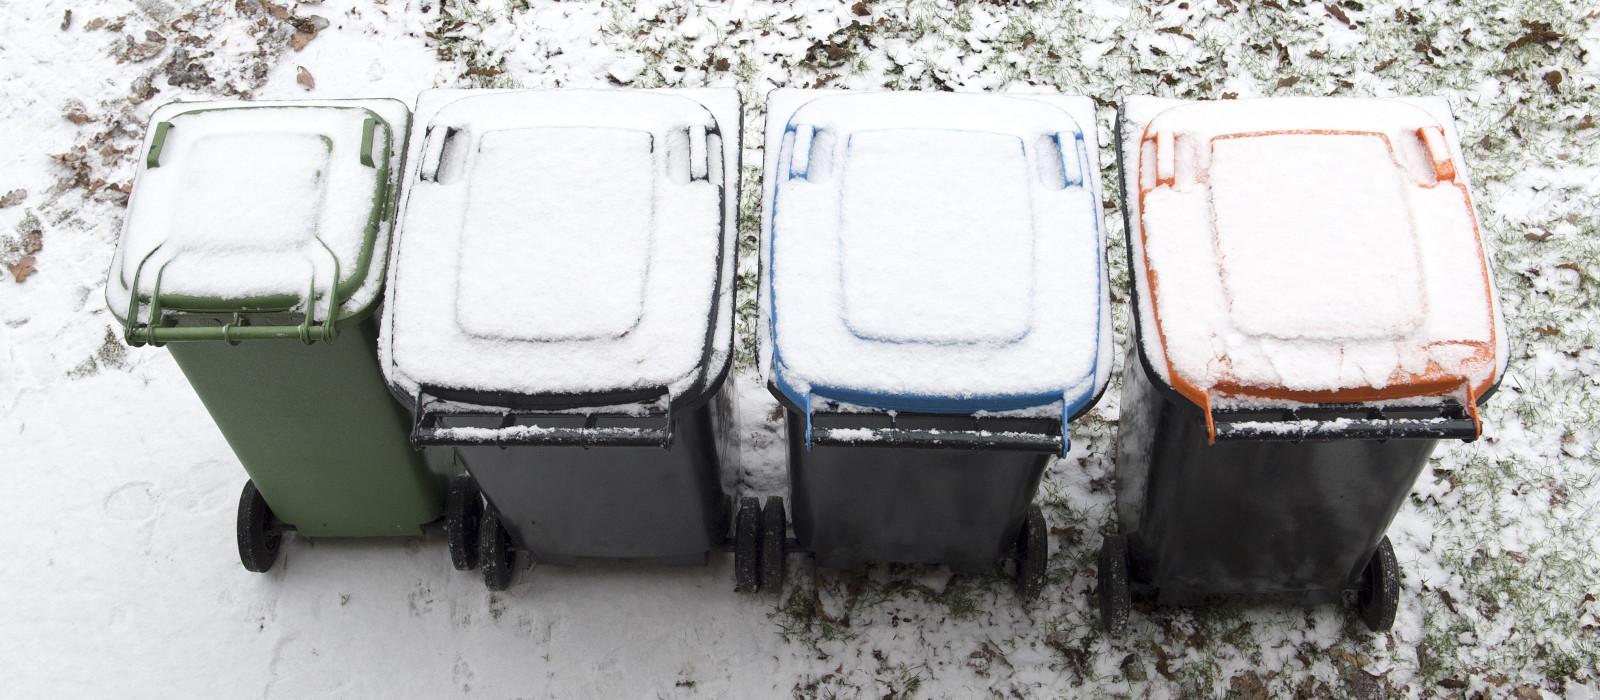 Inzameling bij zwaar winterweer gemeente Deventer